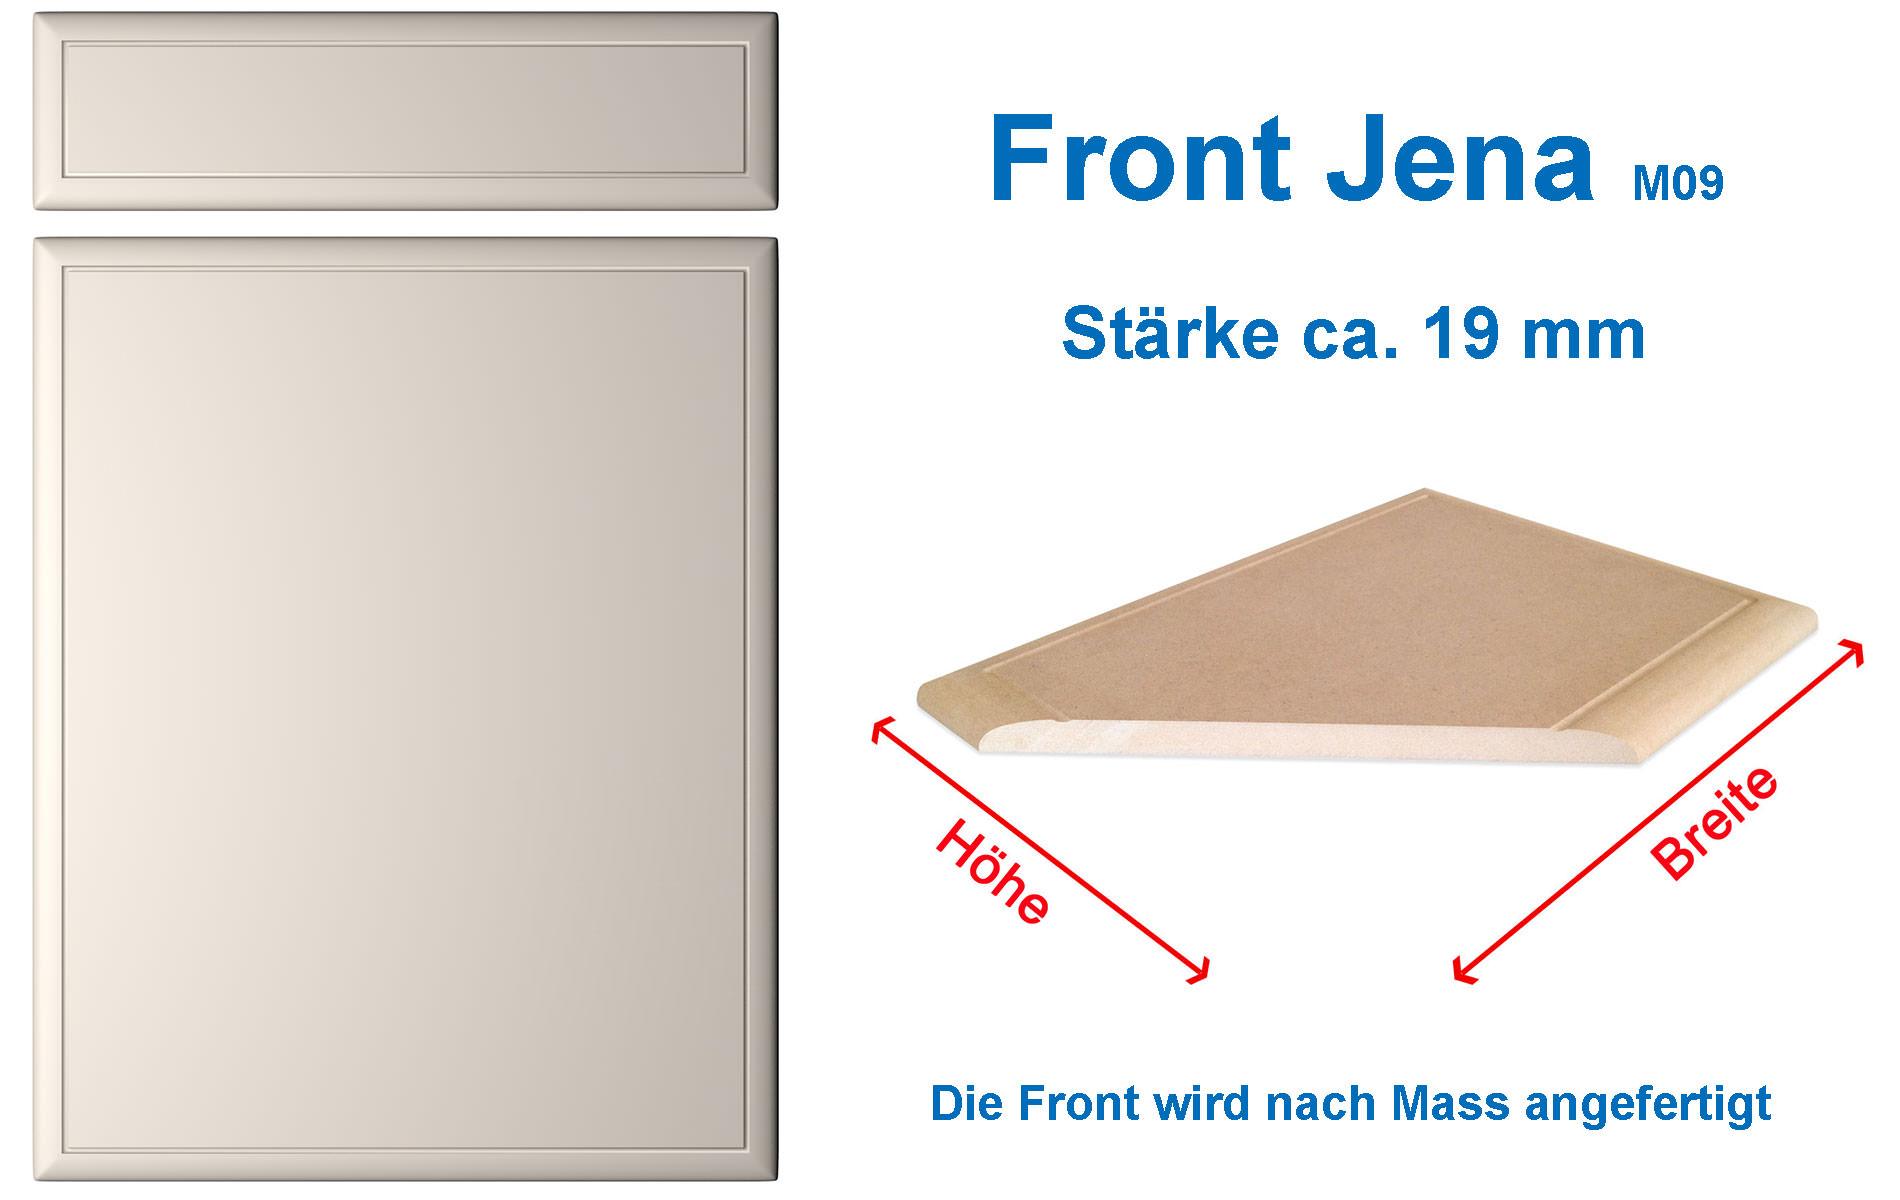 Wohnzimmerz: Küchen Fronten With ALNO FRONTEN UND FARBEN Also From ... | {Alno küchen fronten austauschen 38}